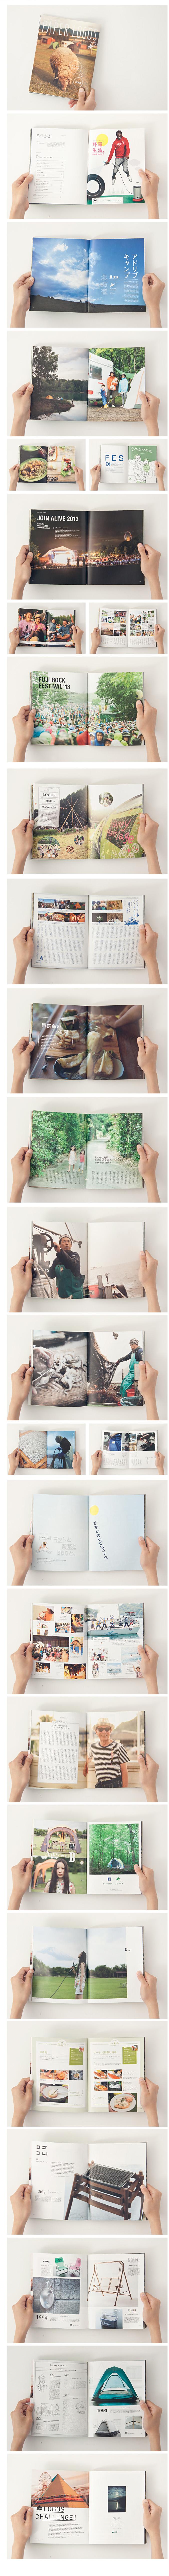 PAPER LOGOS 2013 vol.02